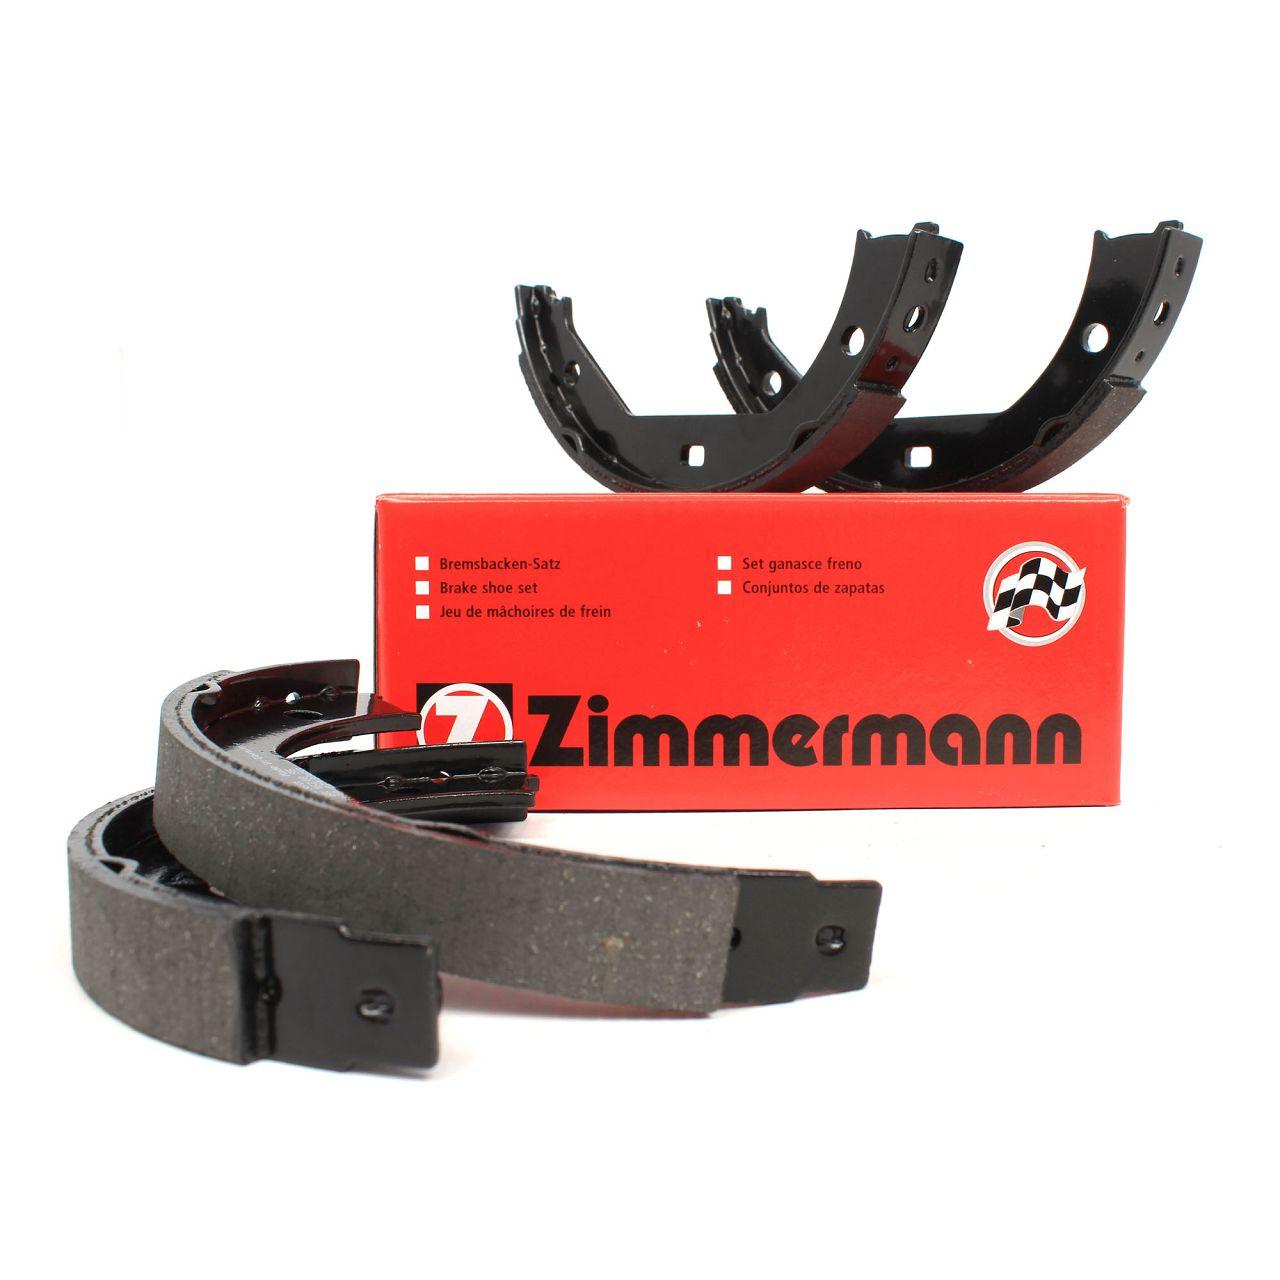 ZIMMERMANN Bremsbacken Satz BMW E81 E87 E88 E82 E46 E90-93 F30-36 E39 X1 E84